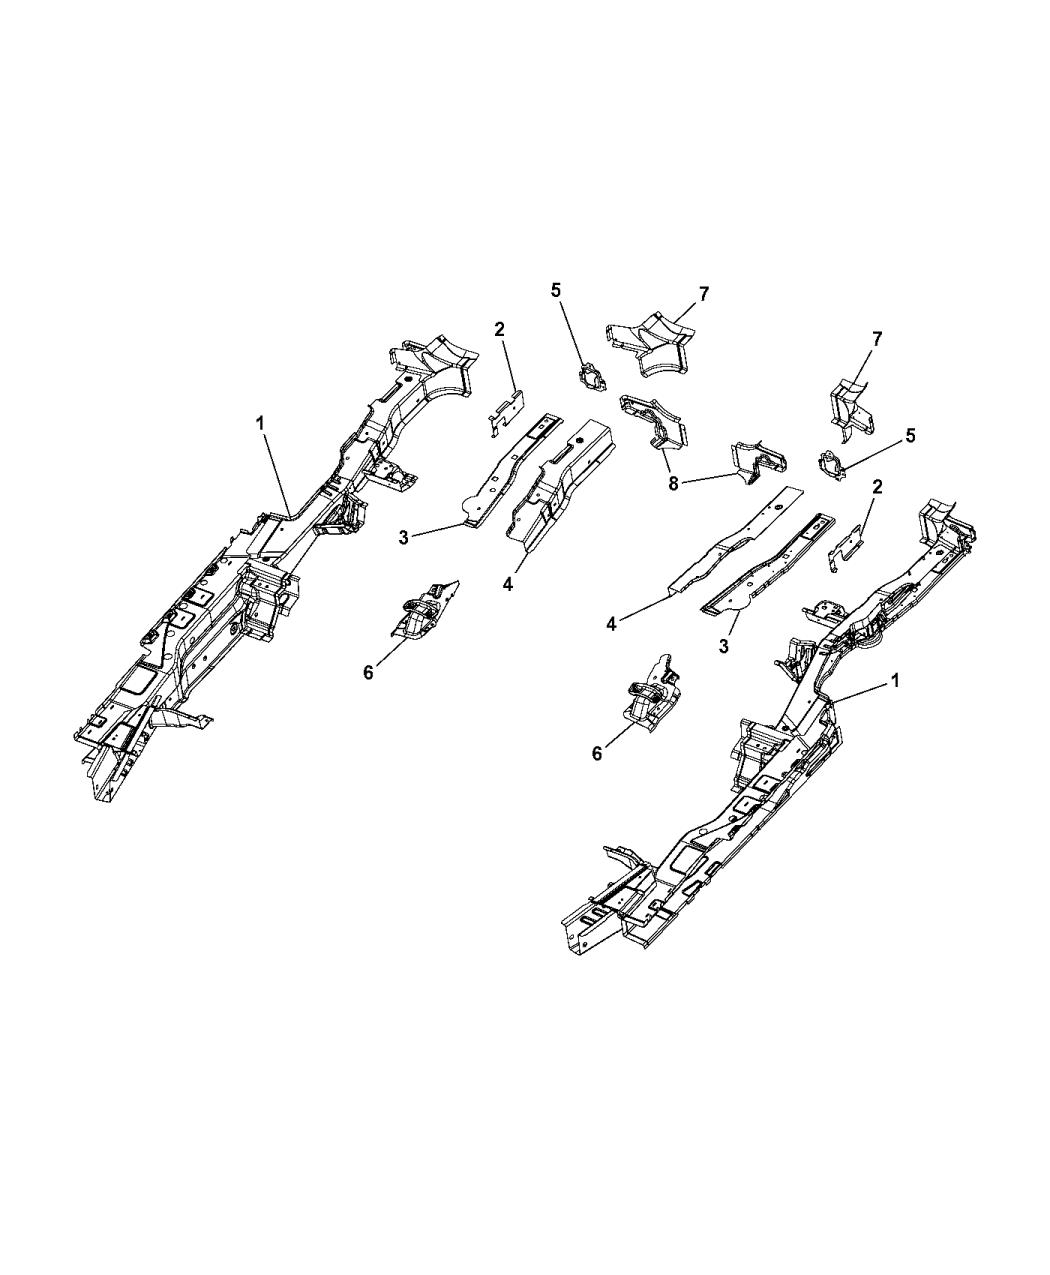 2017 Chrysler Pacifica Frame  Rear